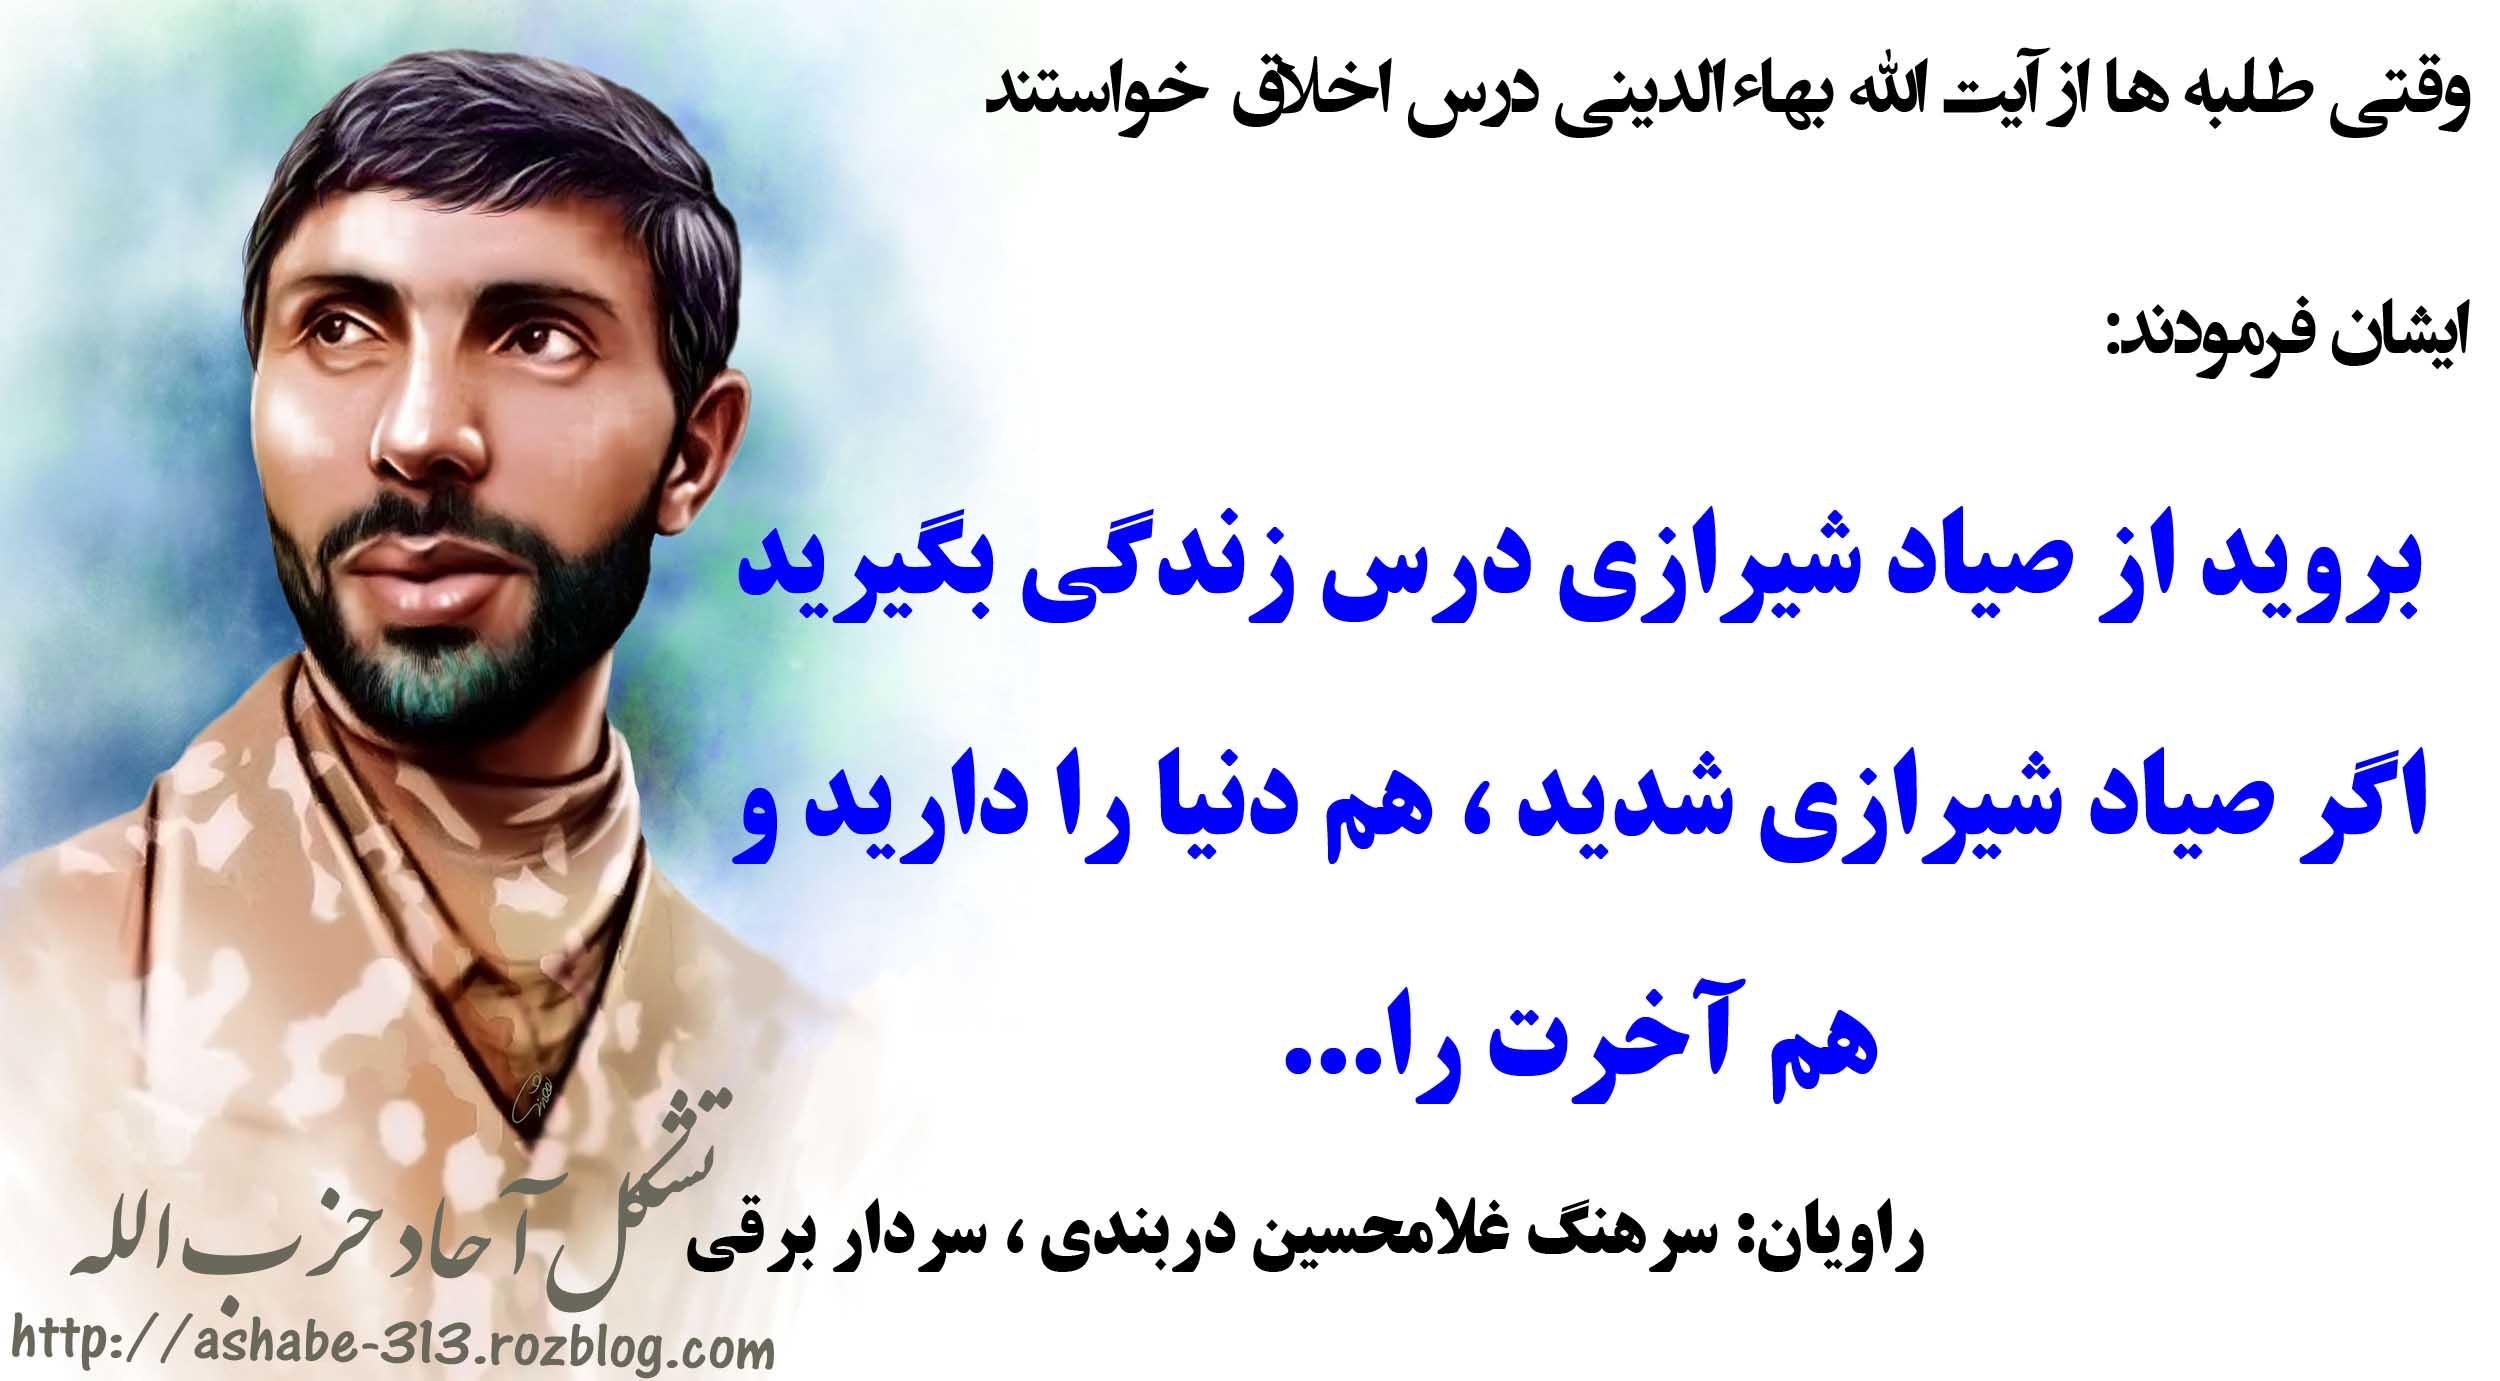 بروید صیاد شیرازی بشوید ...